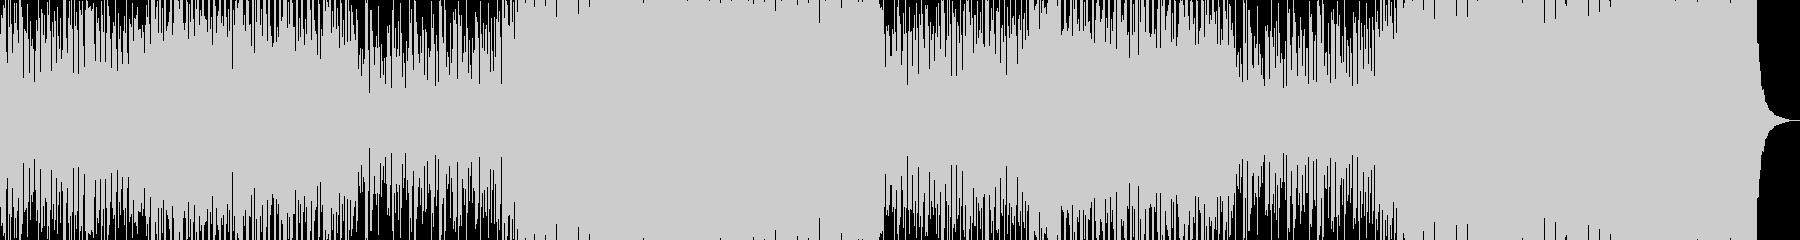 アコギとボーカルチョップで今時なEDMの未再生の波形